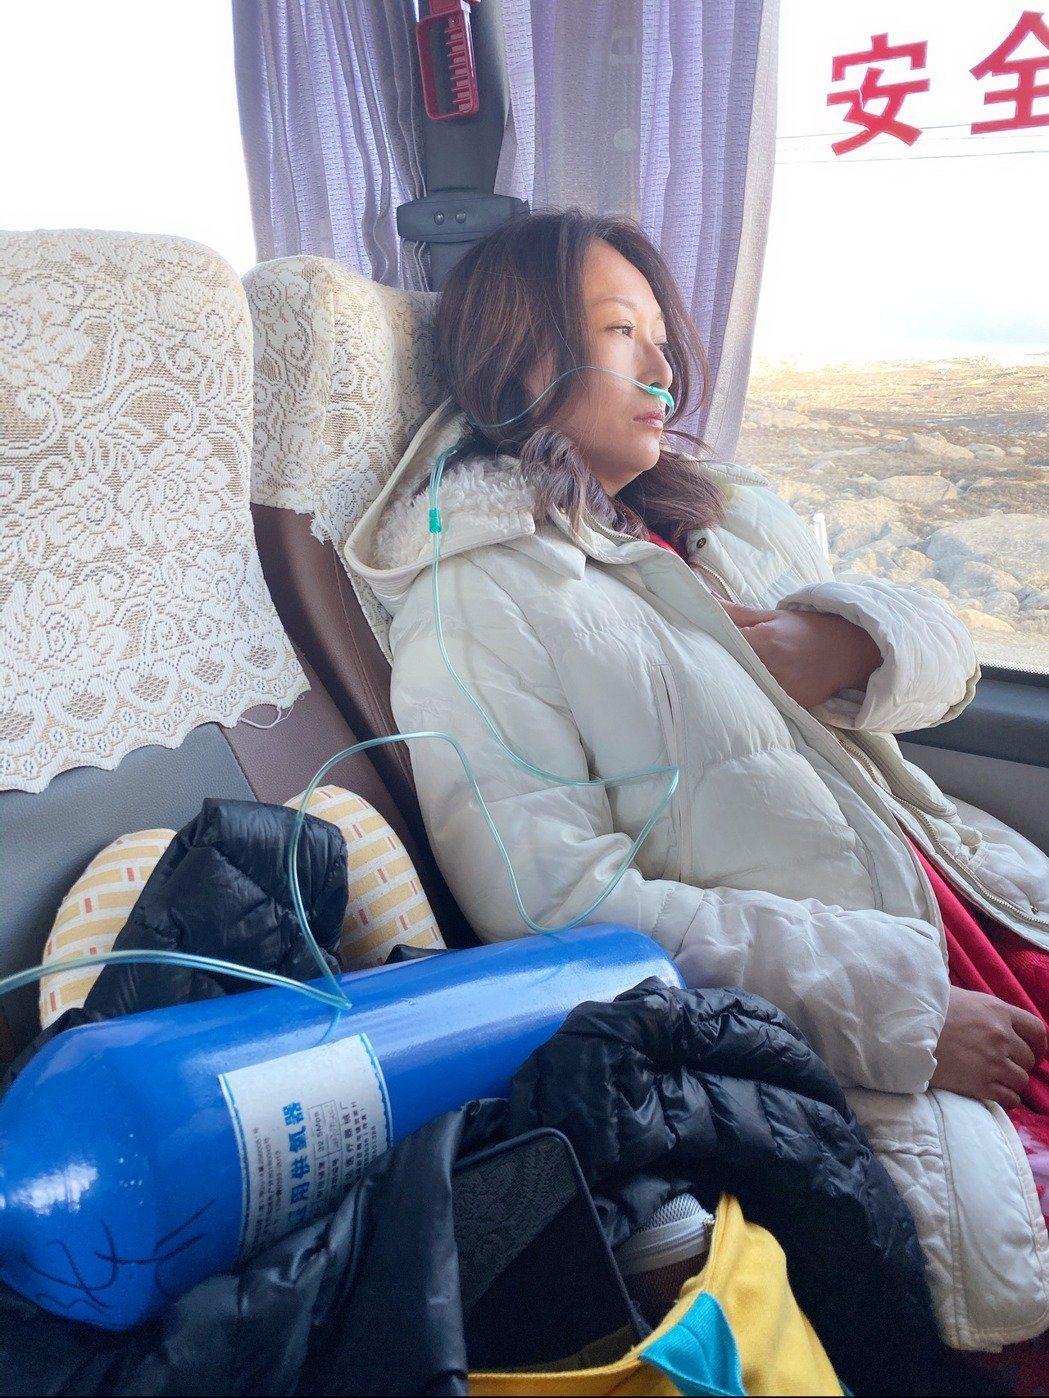 王瑞霞出現高山症,在車上接受急救。圖/米樂士娛樂提供